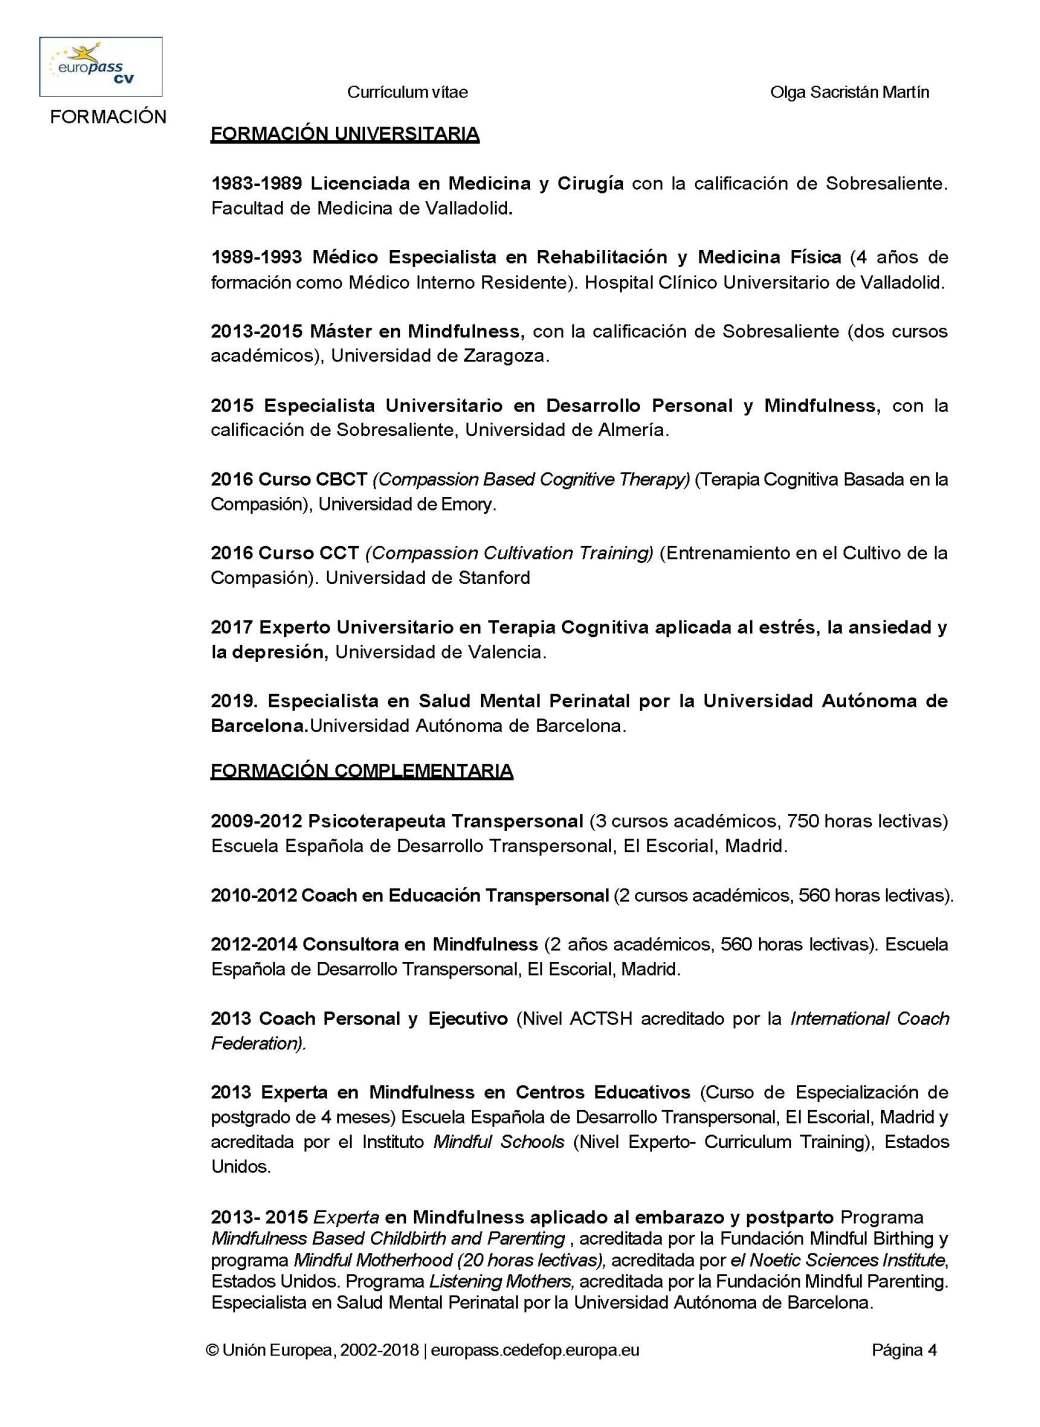 CURRICULUM EUROPASS DRA. OLGA SACRISTAN 2020_Página_04